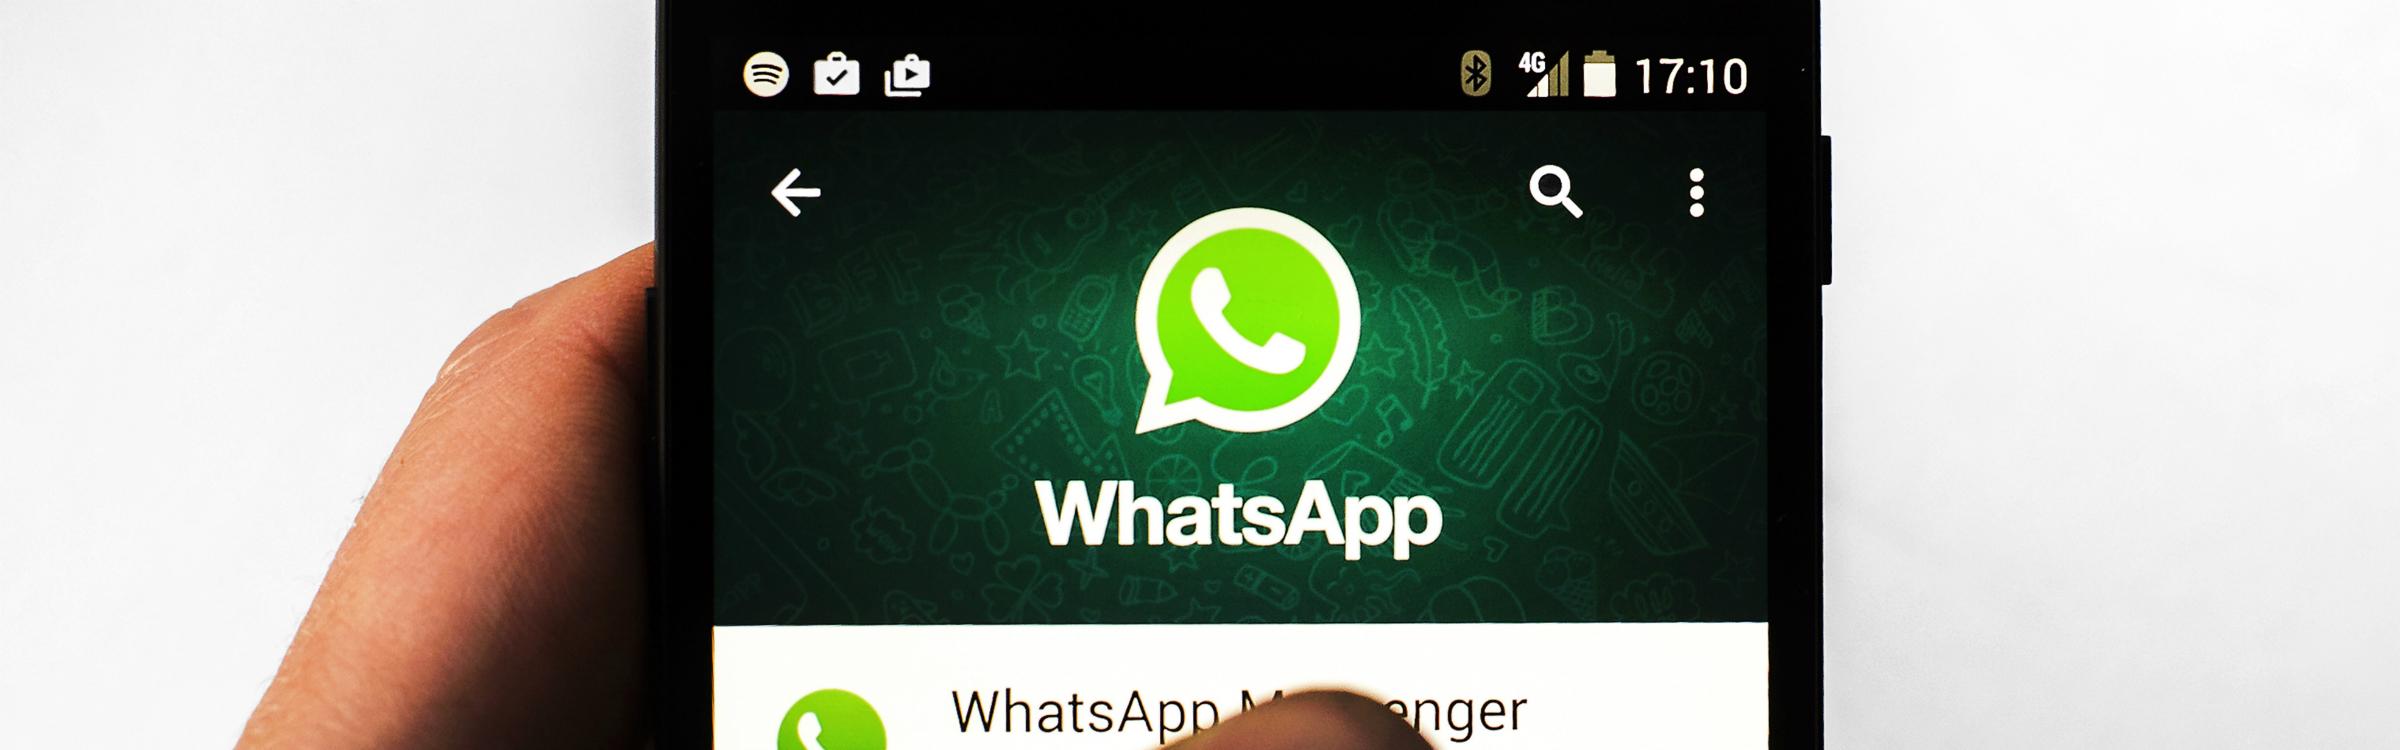 Whatsappp header